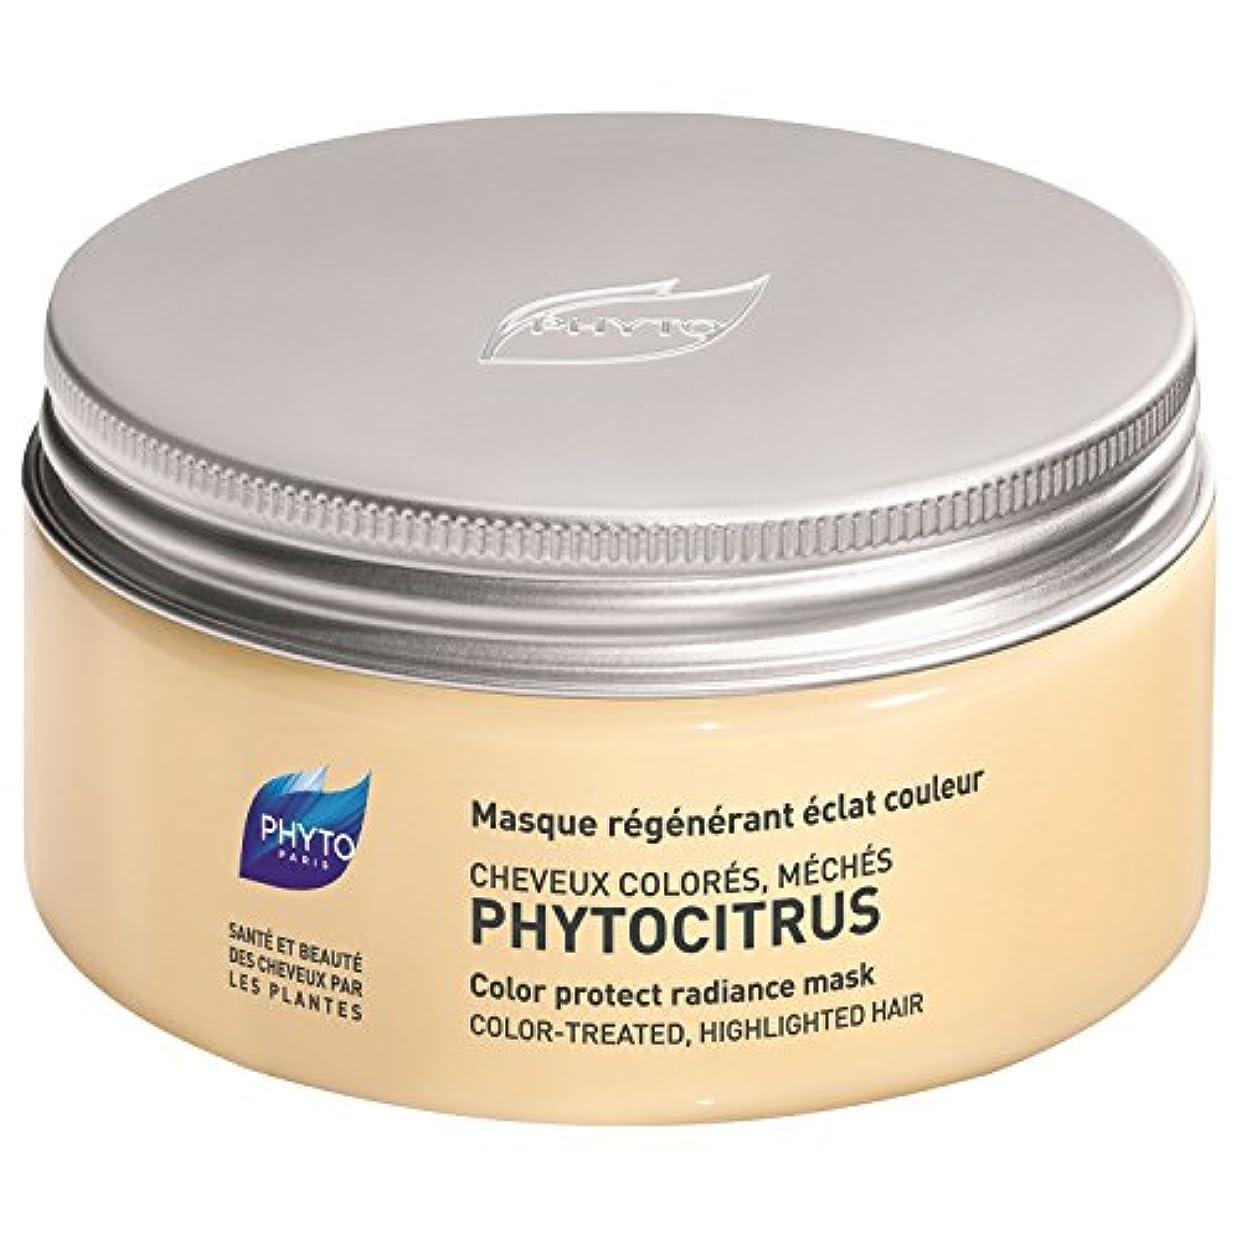 同僚発明キロメートルフィトPhytocitrus色保護放射輝度マスク200ミリリットル (Phyto) (x6) - Phyto Phytocitrus Colour Protect Radiance Mask 200ml (Pack of...